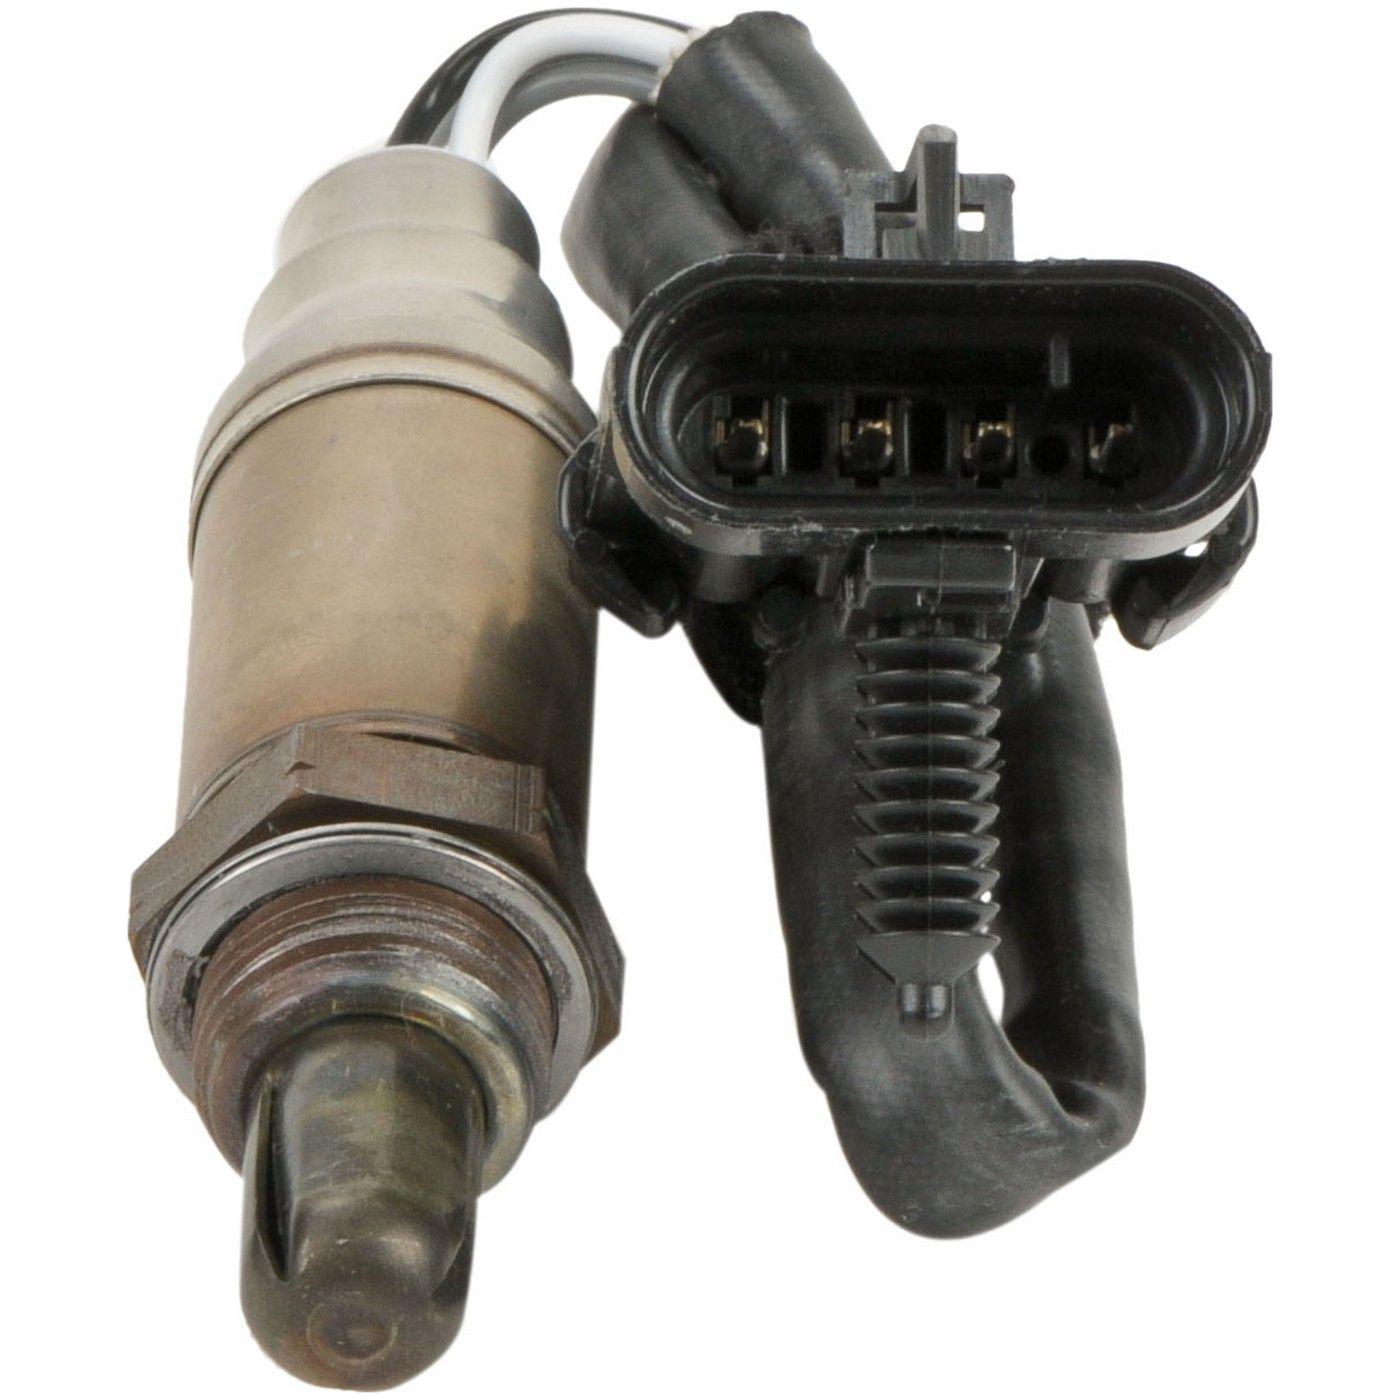 2000 Gmc Yukon Xl 1500 Camshaft: 2000 GMC Yukon XL 1500 Oxygen Sensor